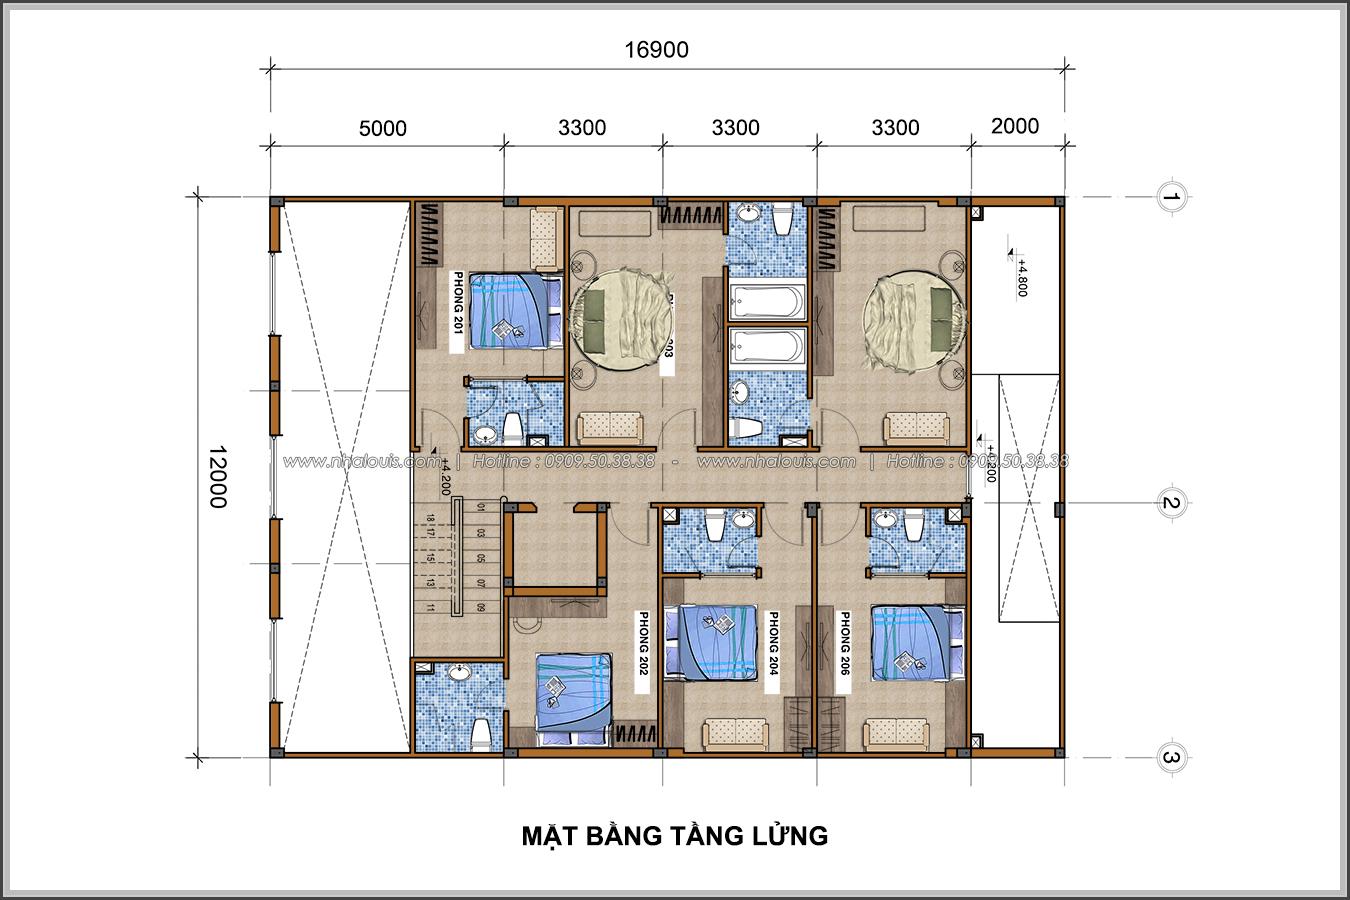 Thiết kế khách sạn cổ điển tại Phan Thiết đẹp lộng lẫy - 05